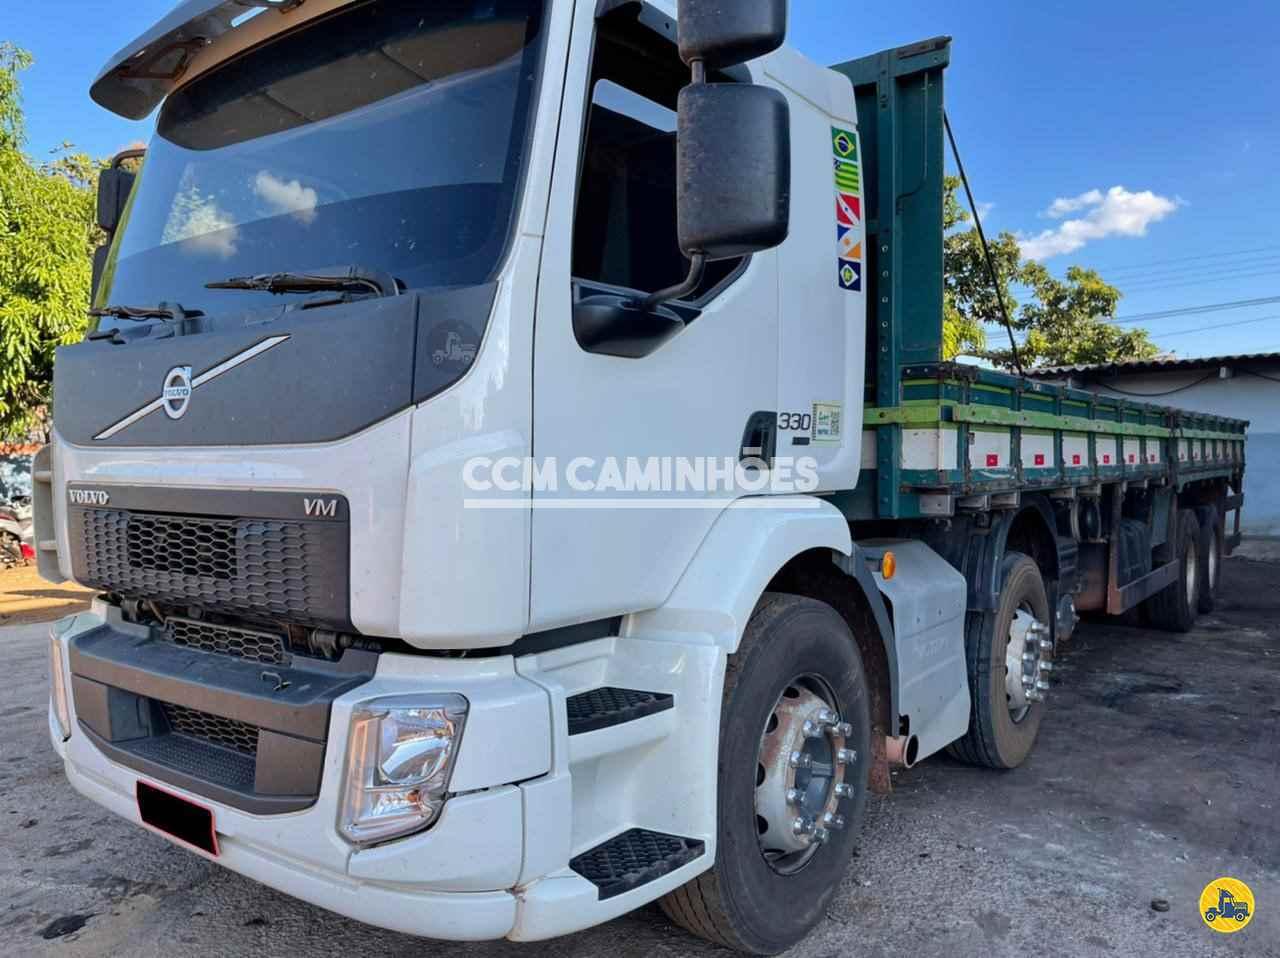 CAMINHAO VOLVO VOLVO VM 330 Chassis BiTruck 8x2 CCM Caminhões GOIANIA GOIAS GO